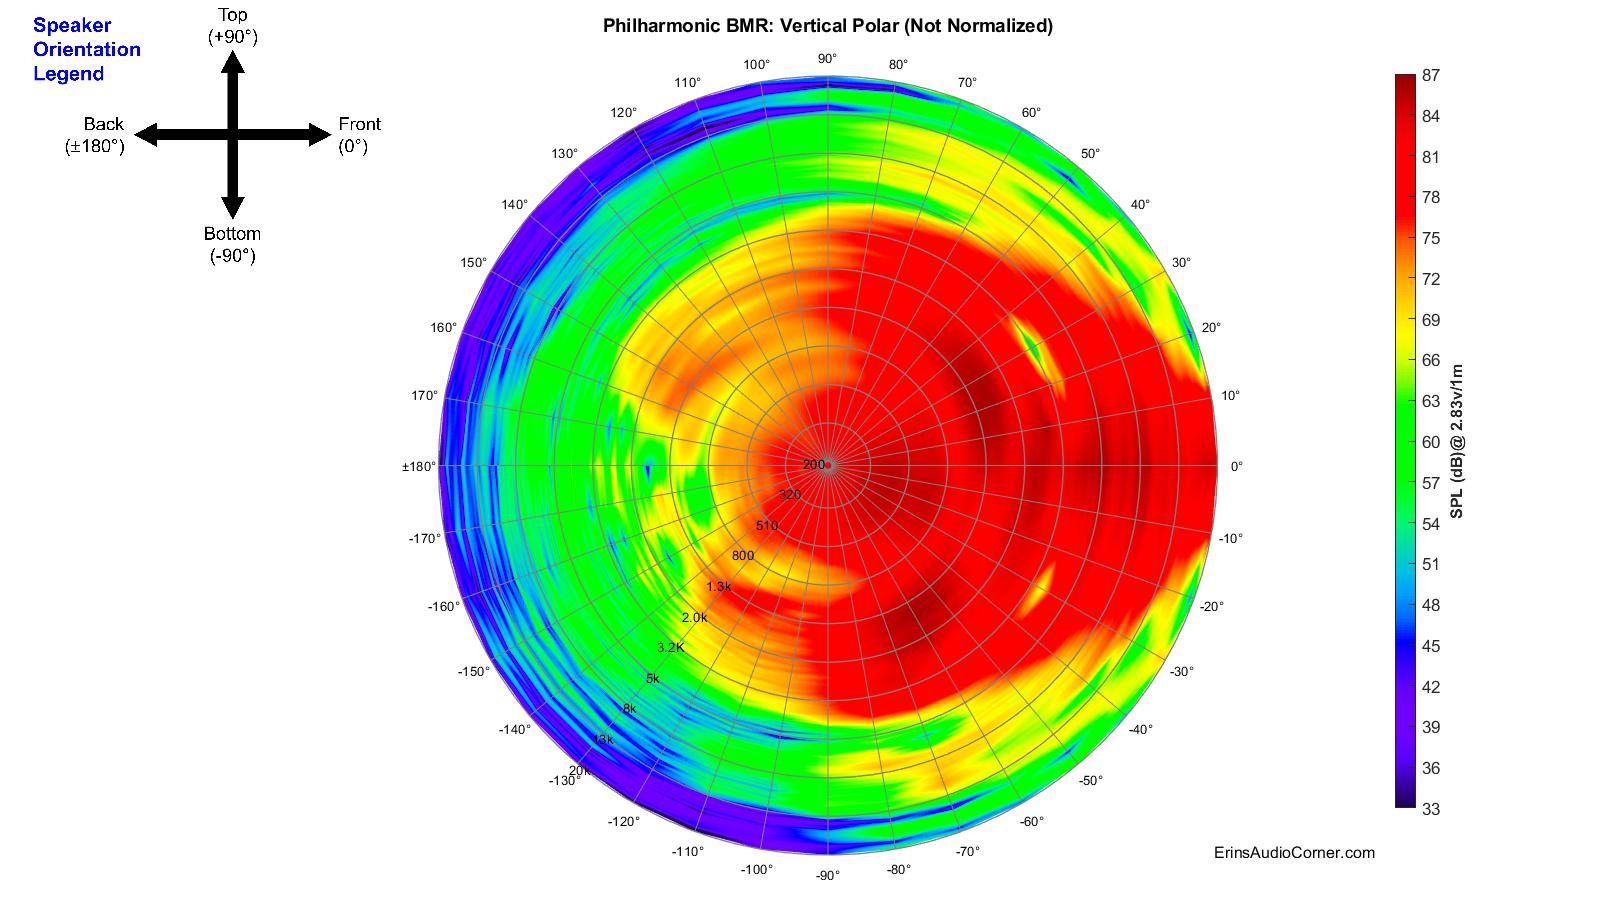 Philharmonic%20BMR_360_Vertical_Polar.png